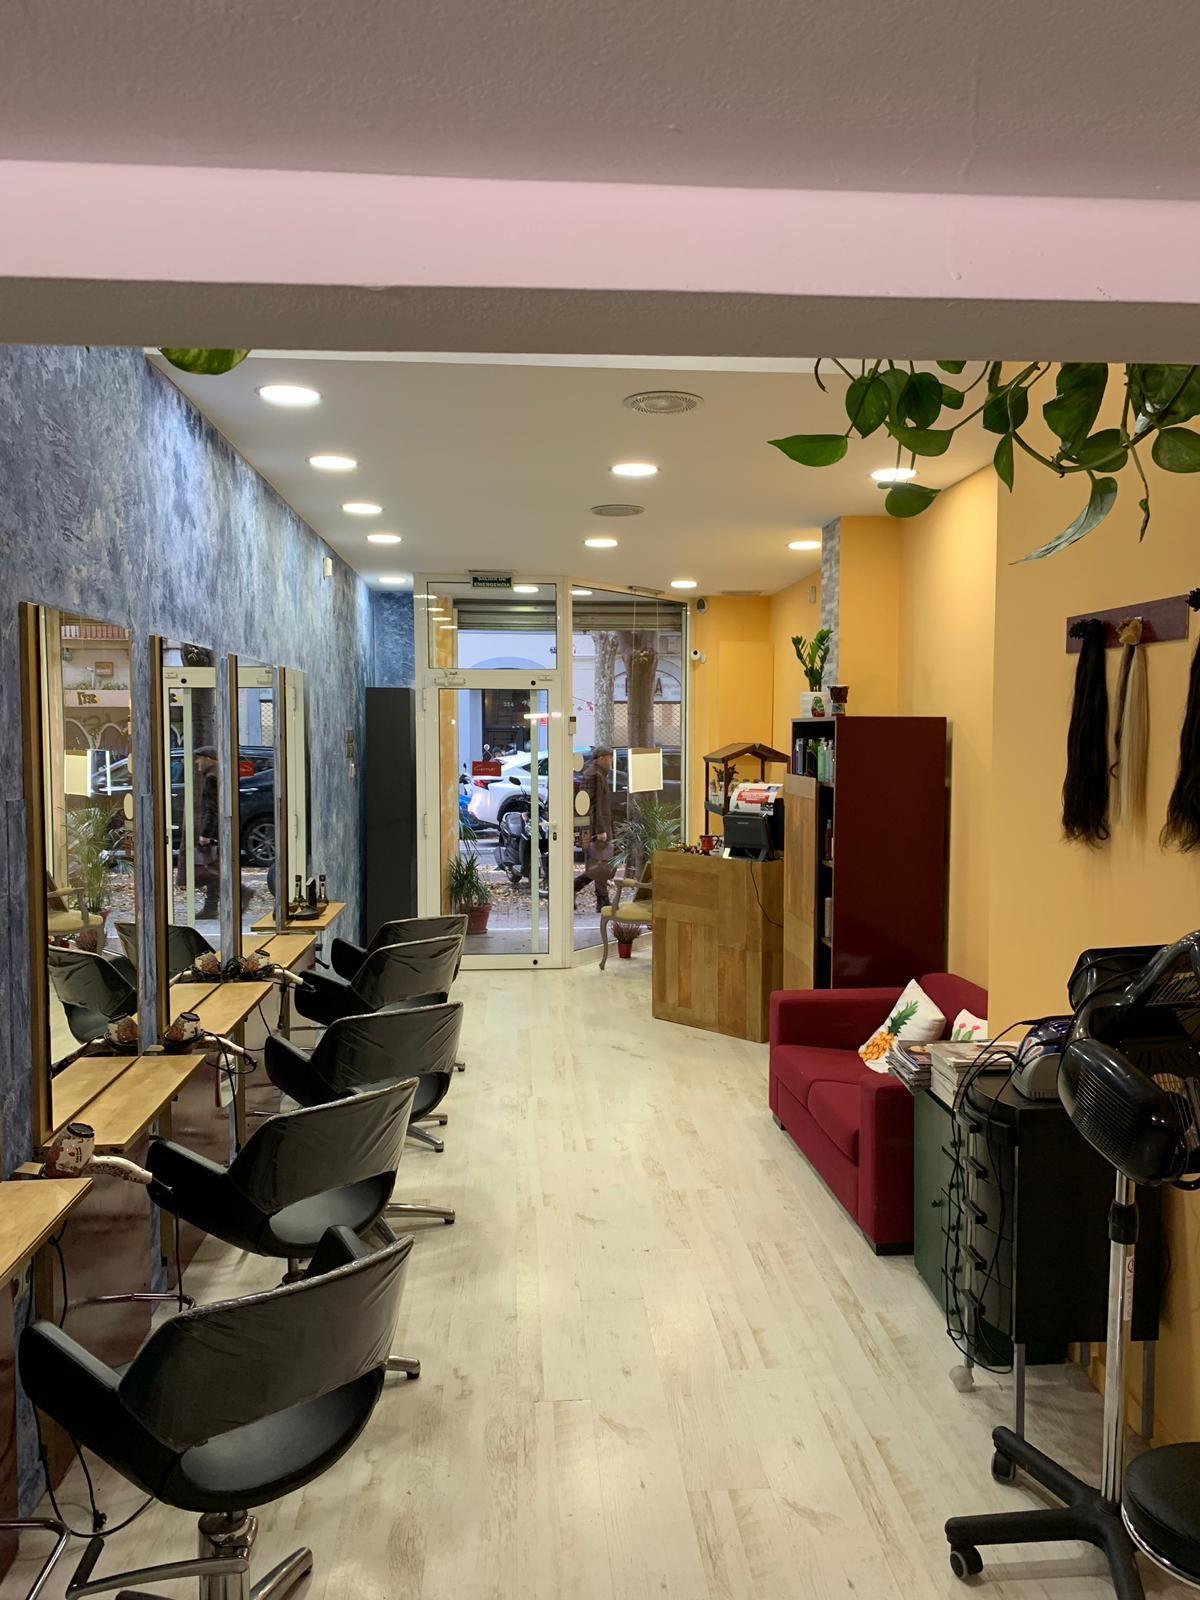 Foto 27 de Salón de belleza y centro de peluquería en Barcelona en Barcelona | MCB Salón de Belleza